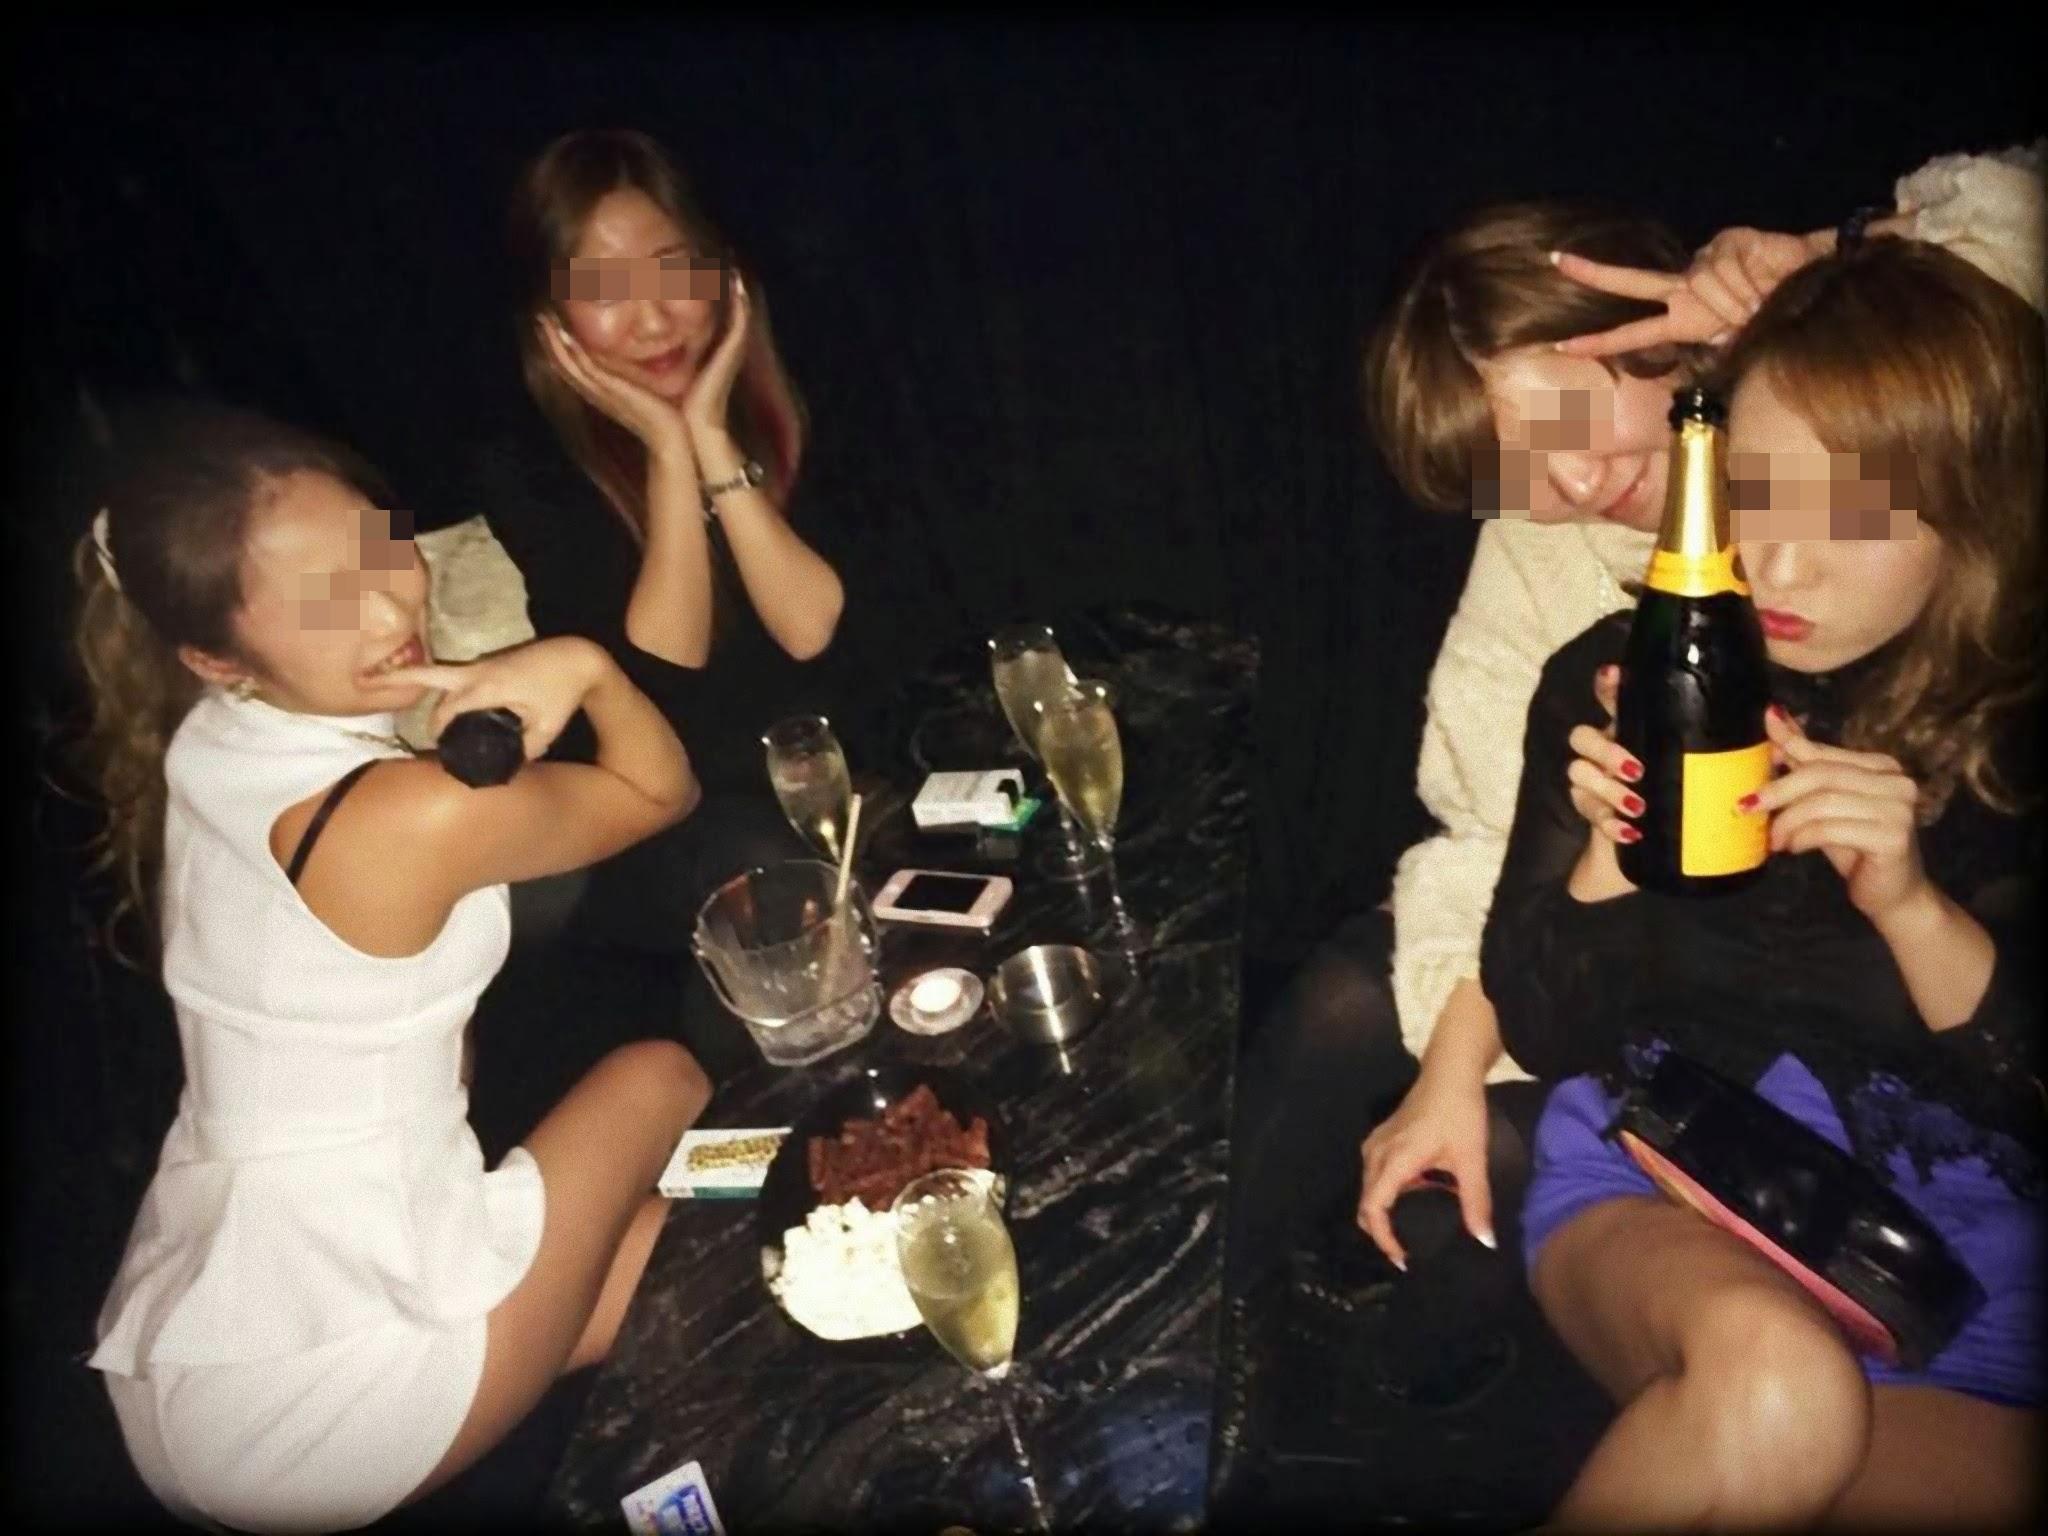 激カワ女性がお酒飲んでテンション上げる!